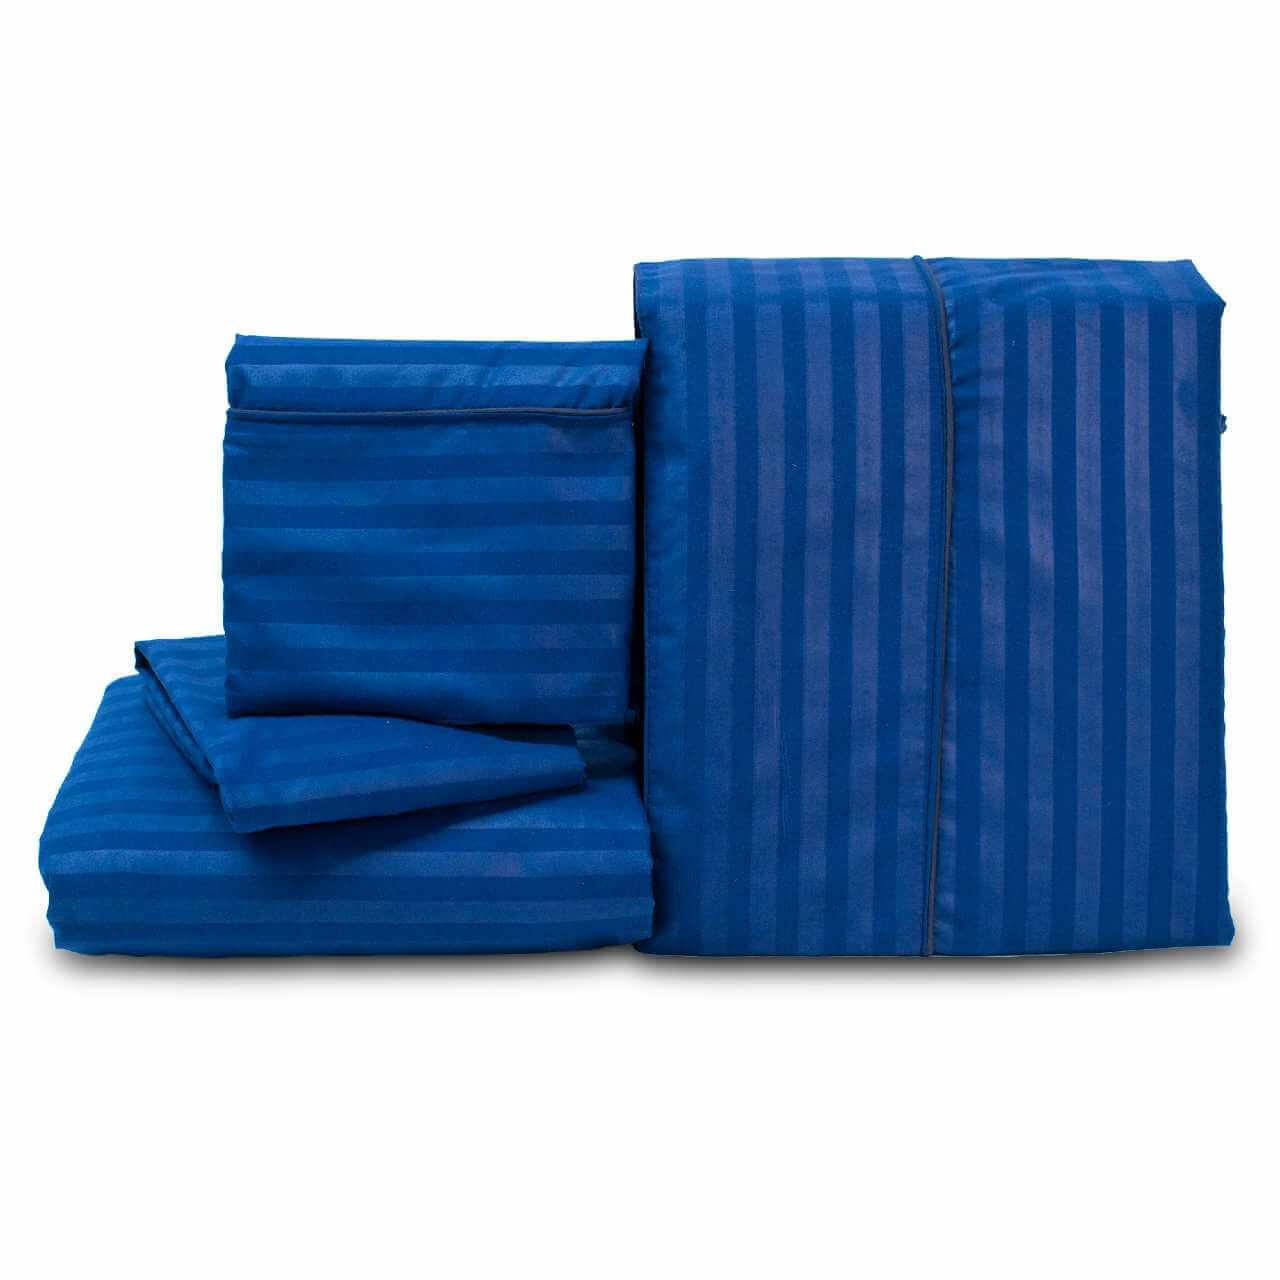 Juego de Sábanas Confort Unicolor Azul